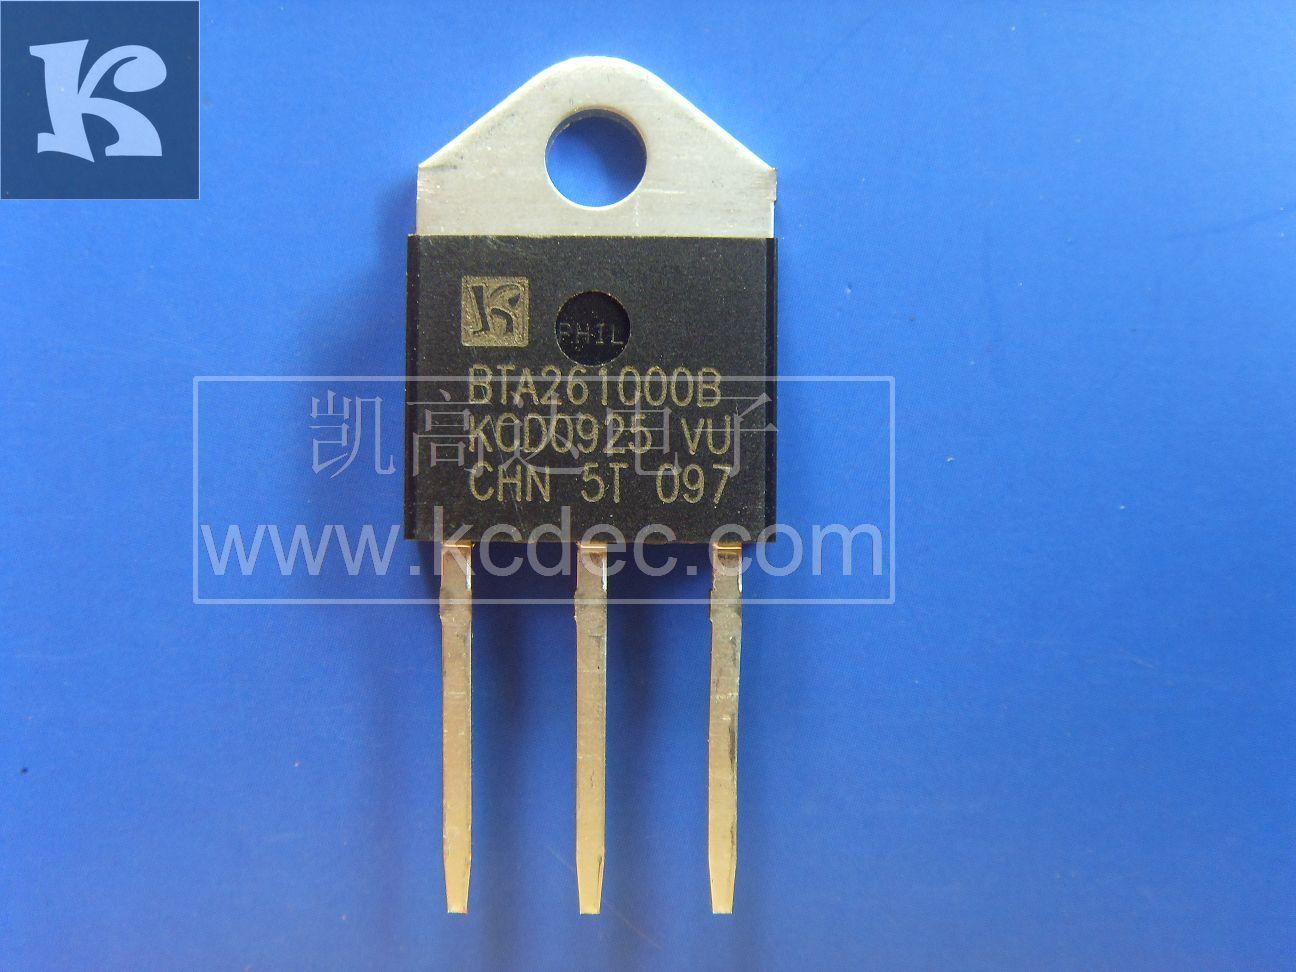 供应BTA26 1000B高压可控硅高压可控硅BTA261000B,可控...